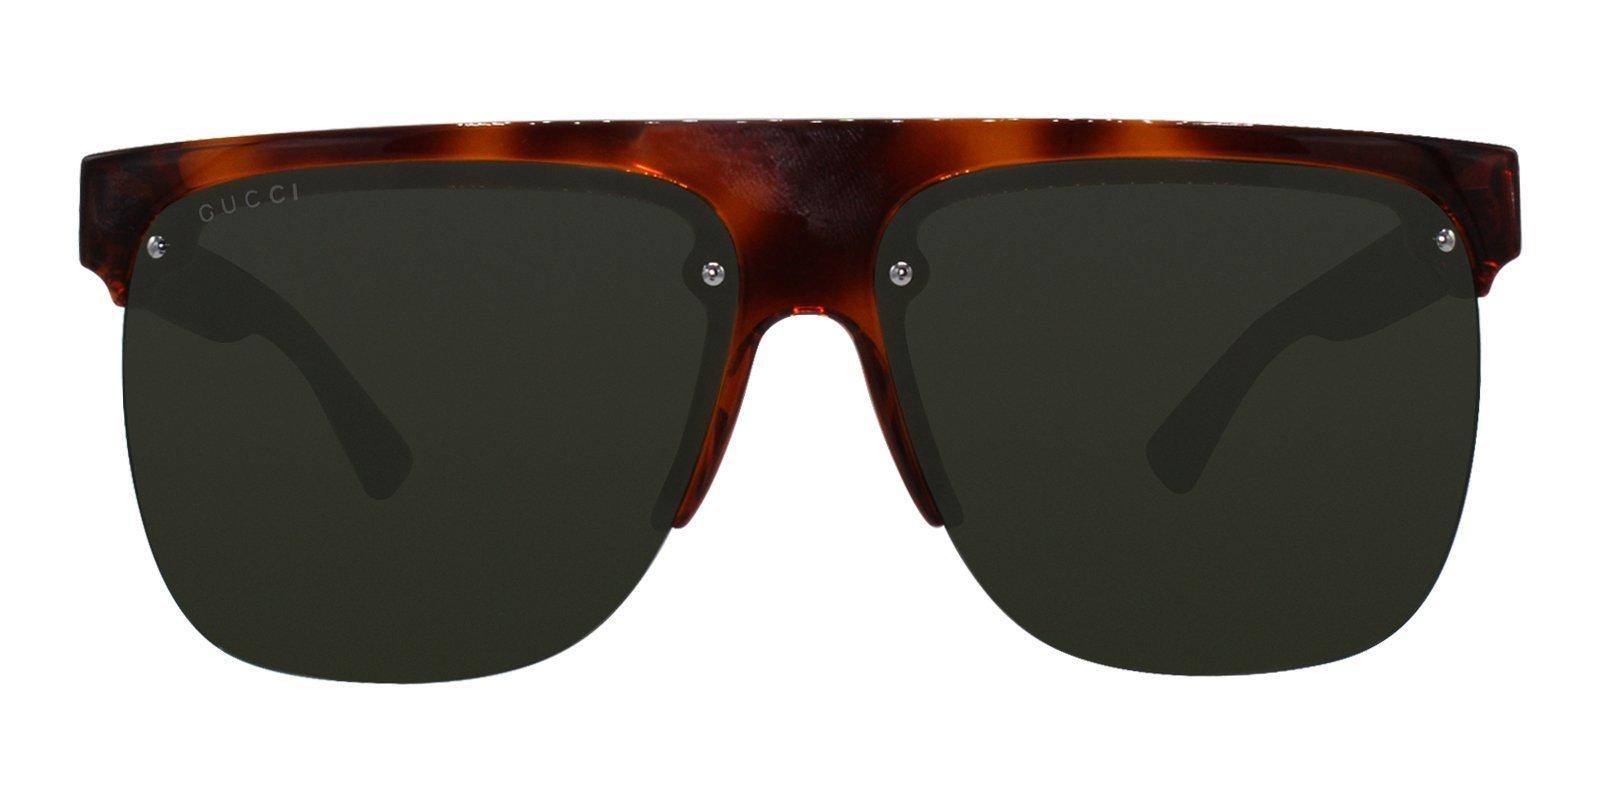 a13bf9e72f Gucci - GG0171S Tortoise - Green sunglasses